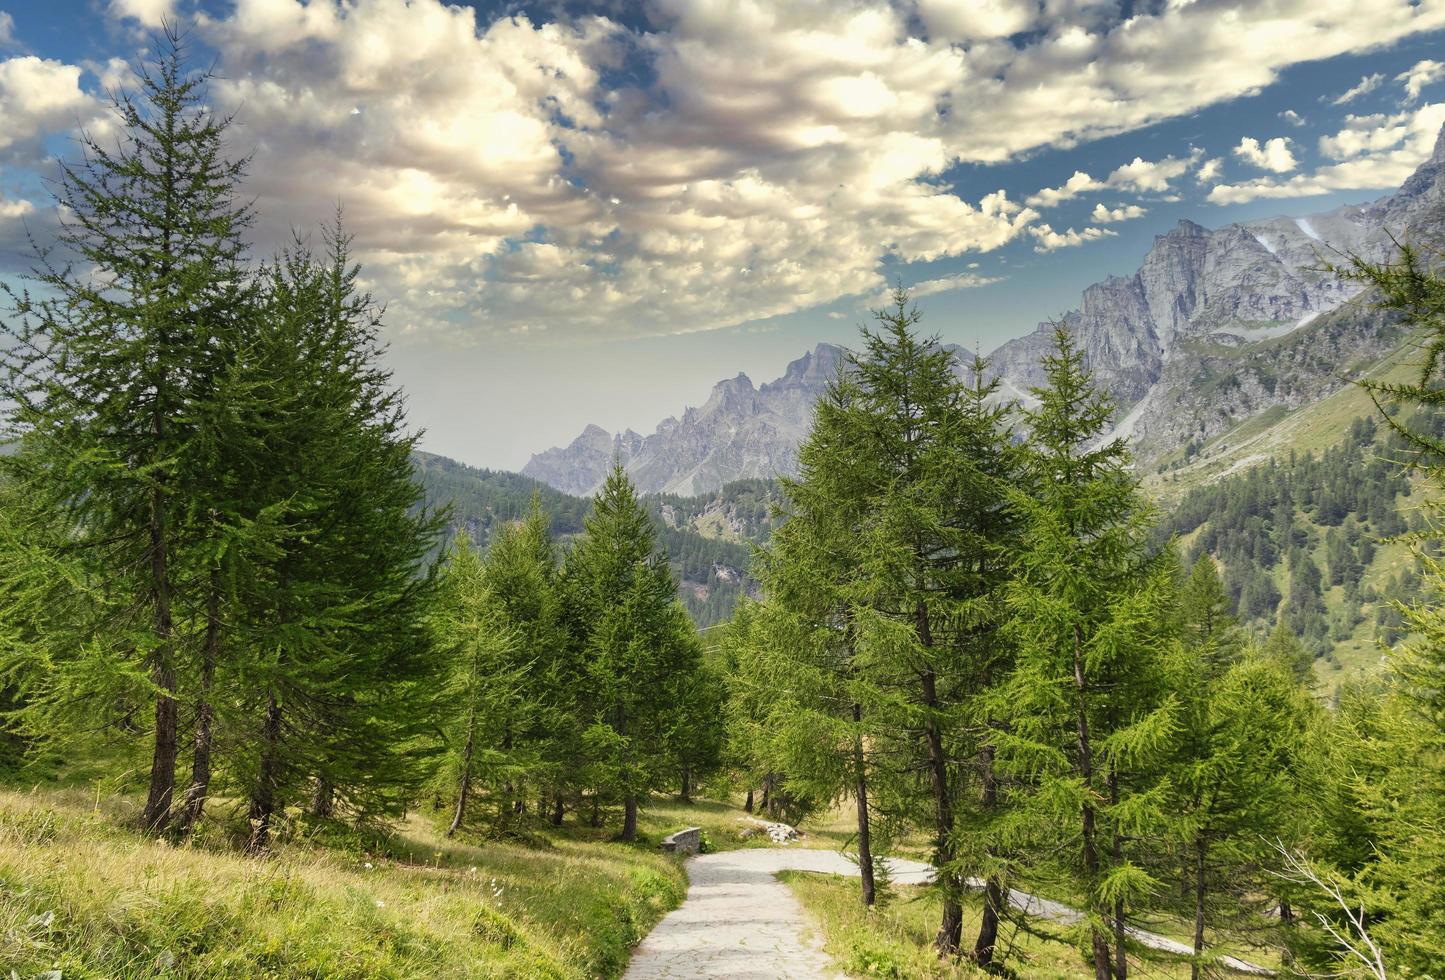 vue sur un paysage alpin photo